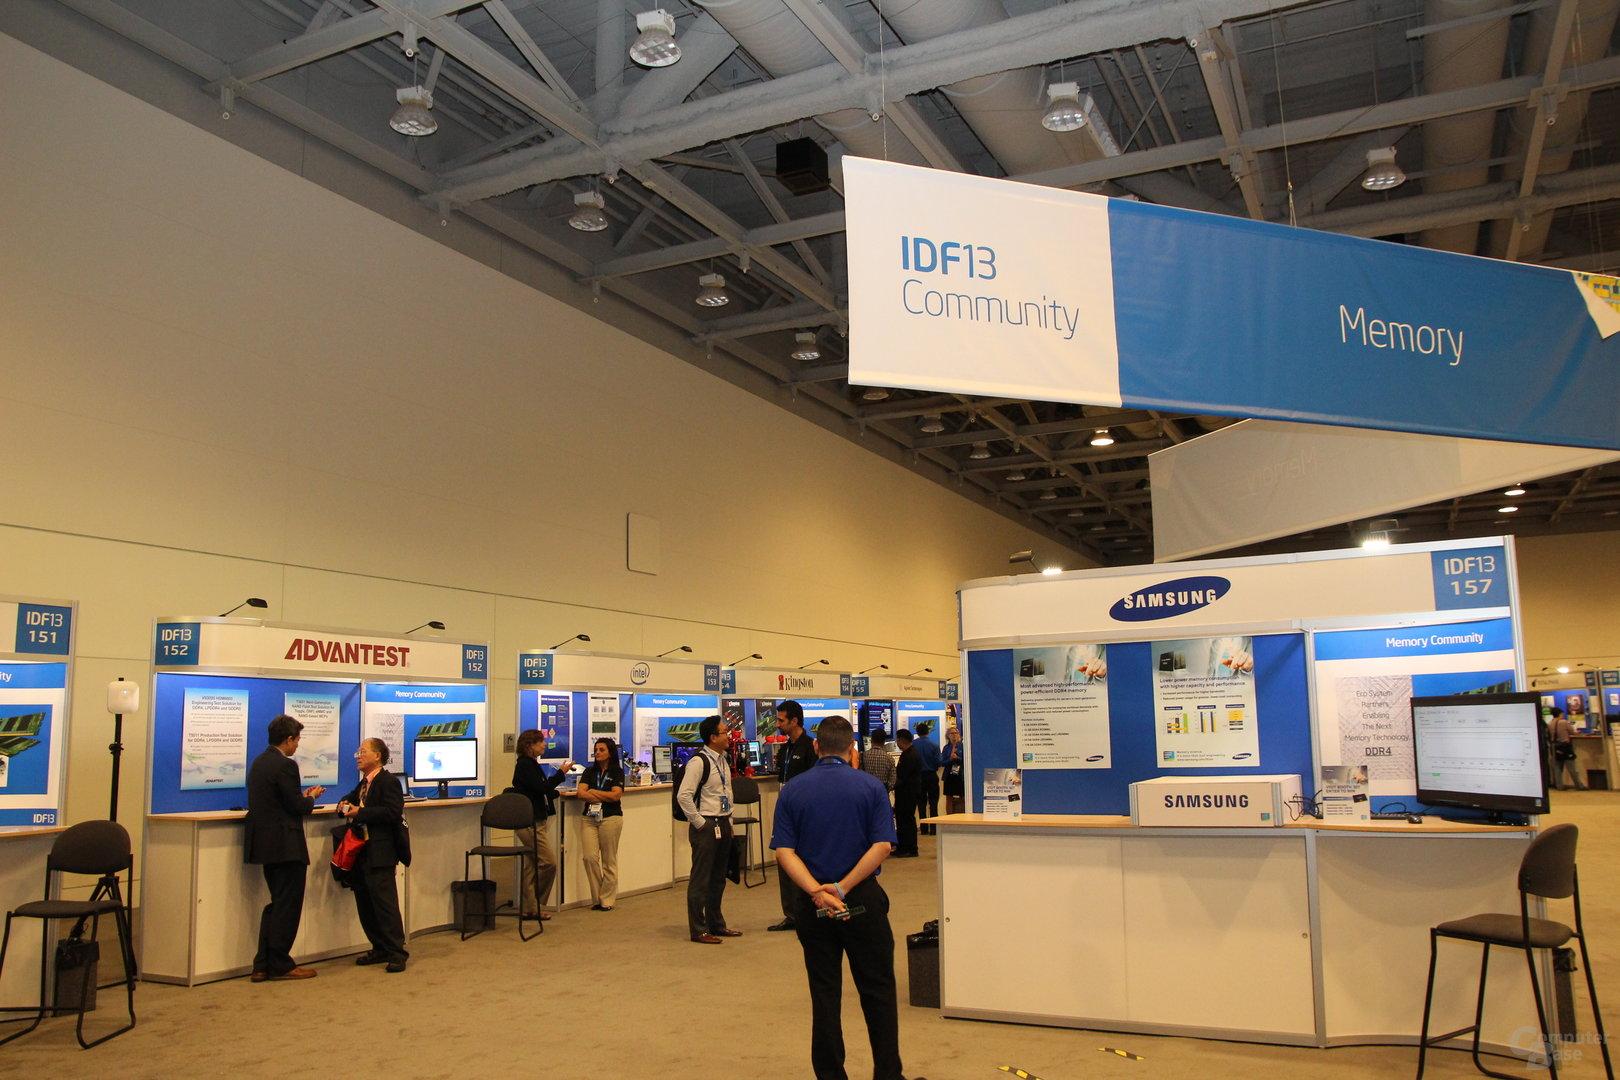 Die Speichersparte im Technology Showcase des IDF 2013